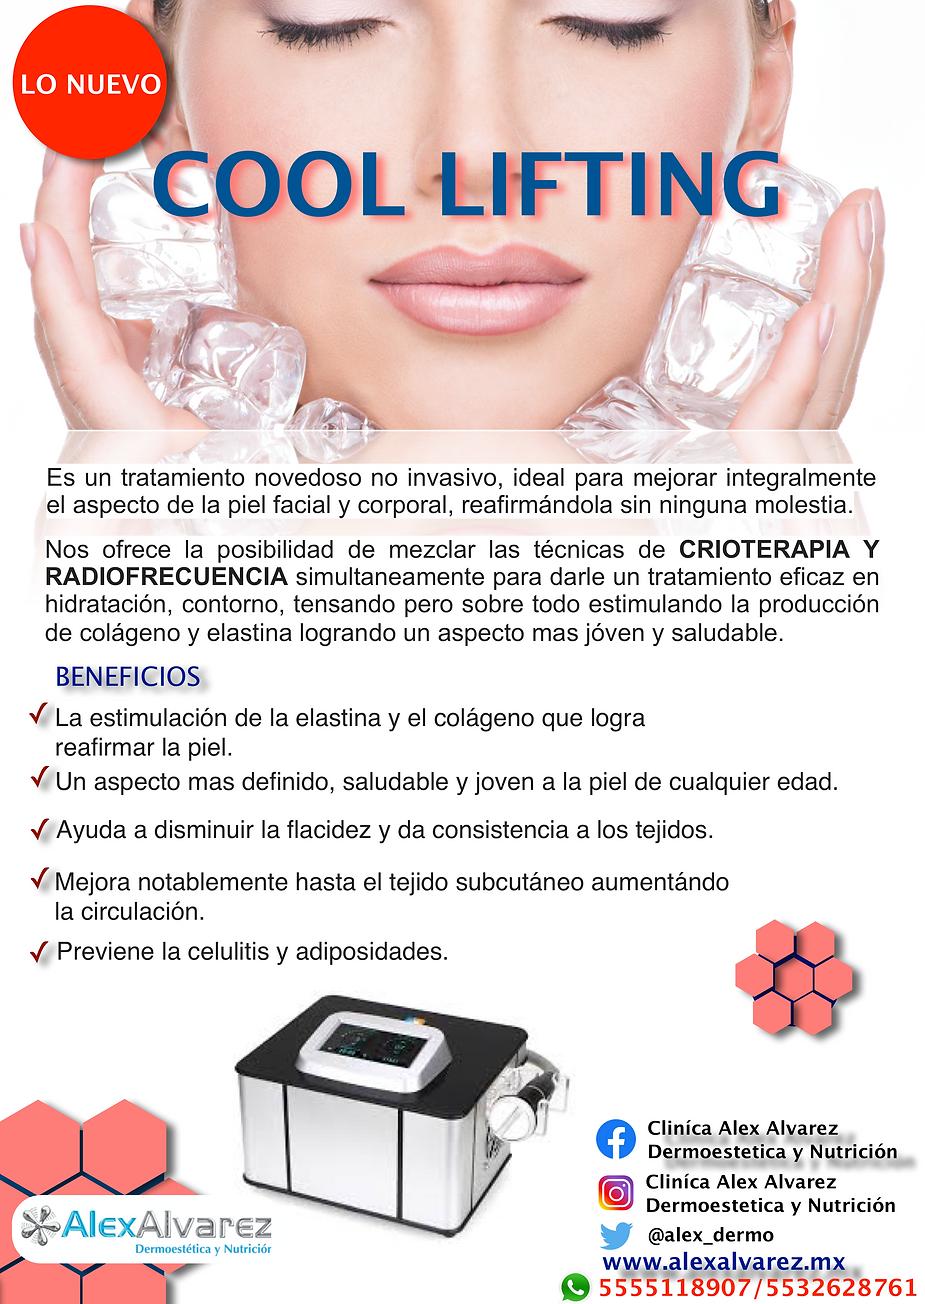 CRIO RADIOFRECUENCIA .png